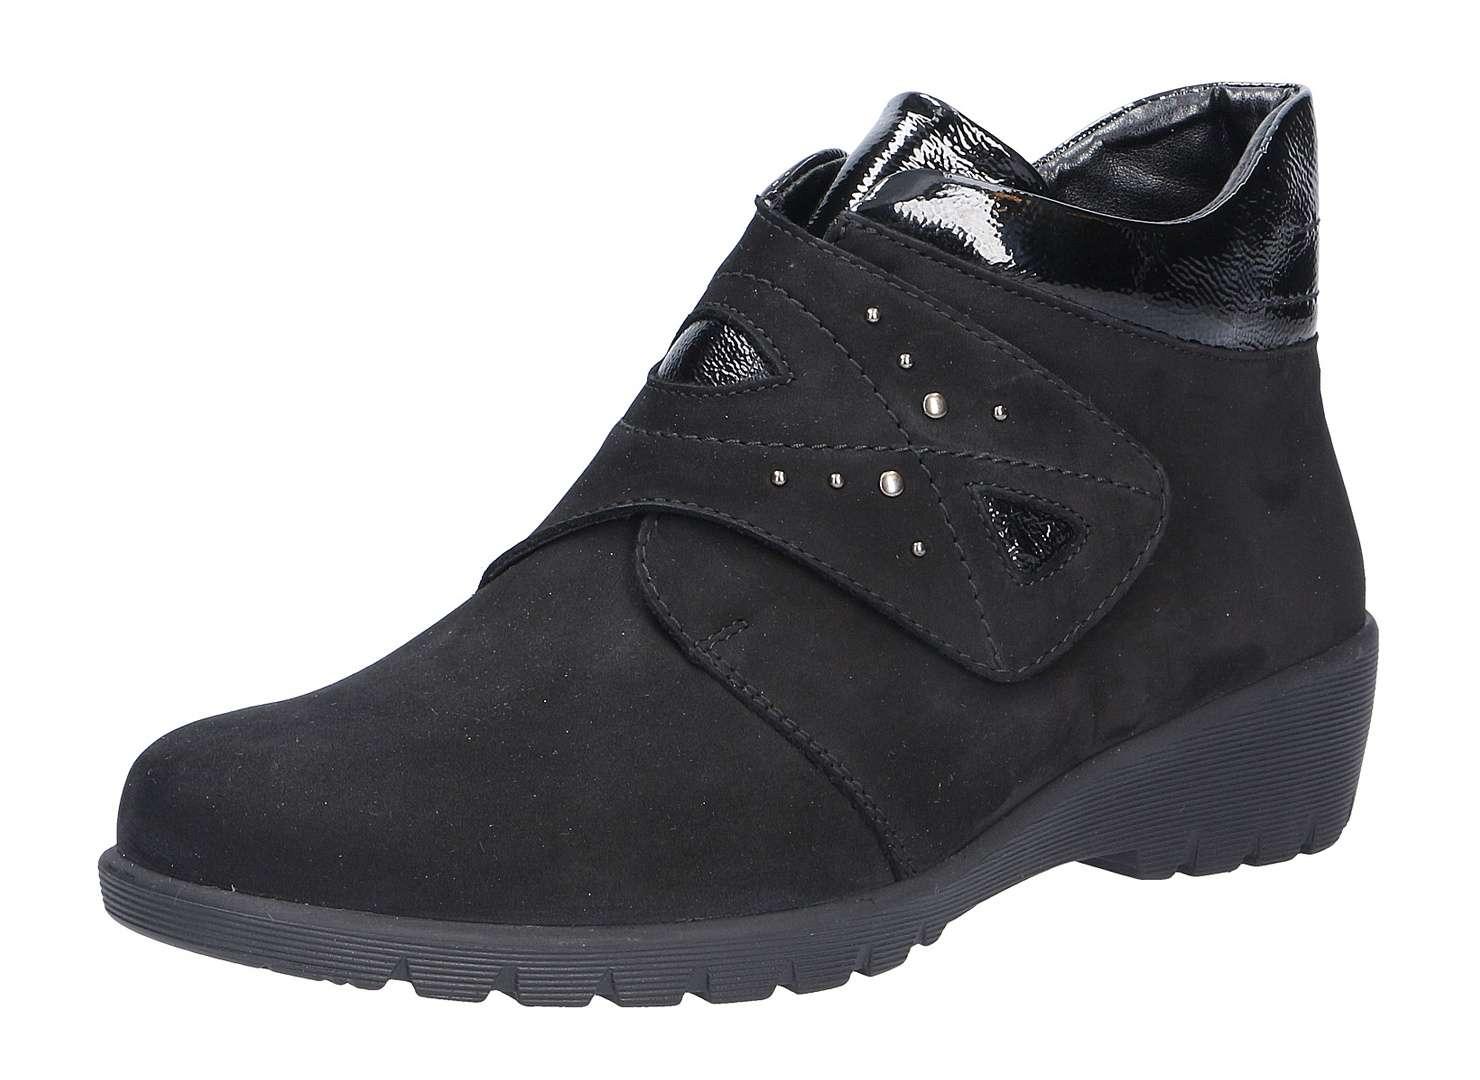 93a7db4394b018 Waldläufer Schuhe online günstig kaufen